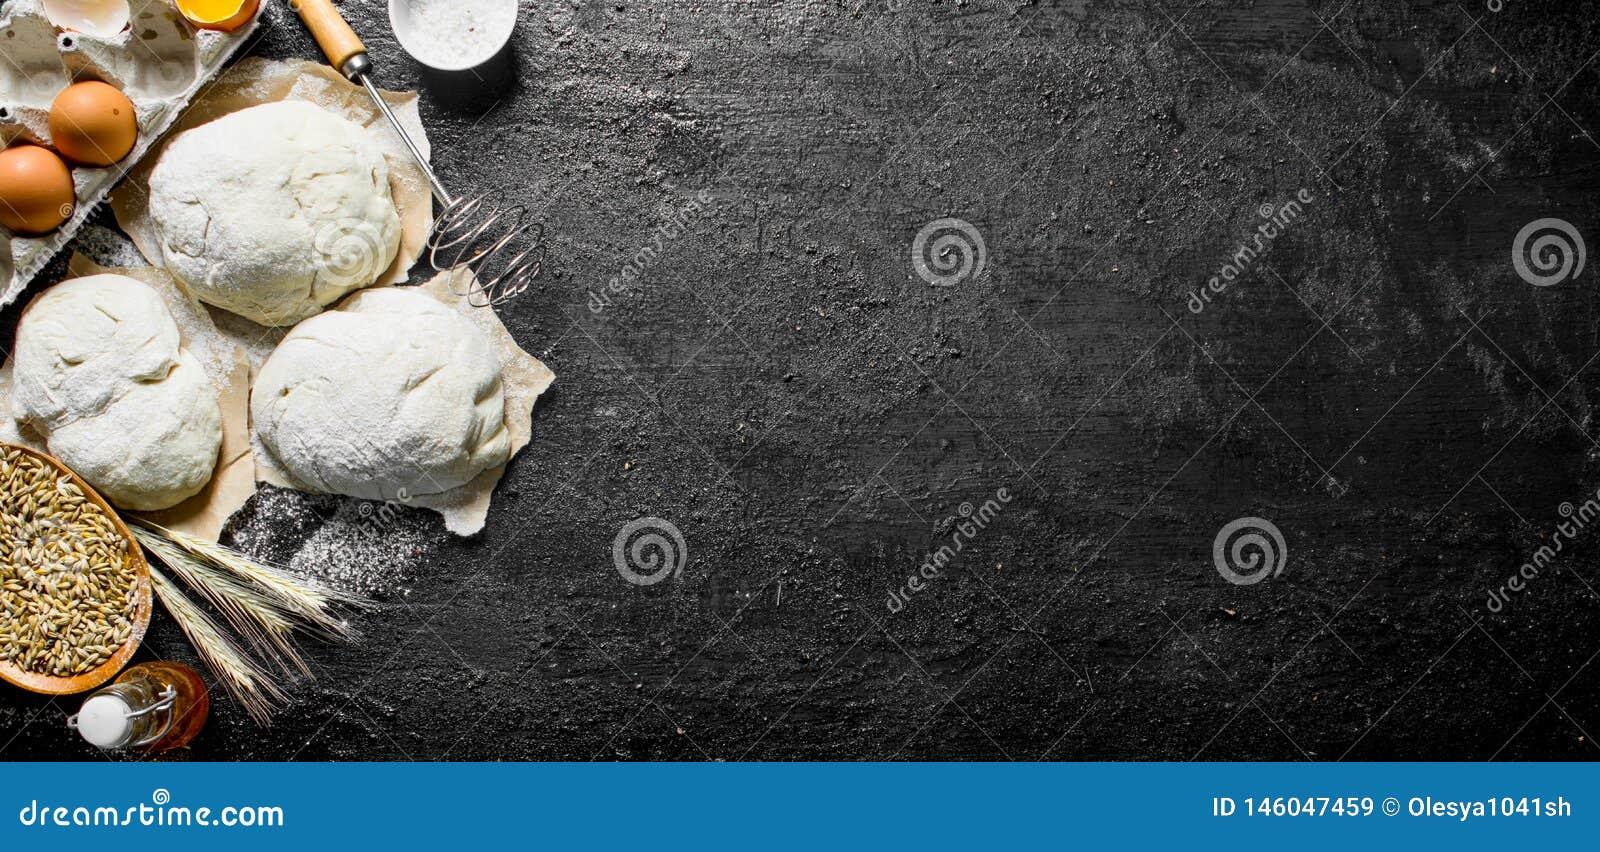 Τα κομμάτια της ζύμης με χτυπούν ελαφρά, αυγά και σιτάρι στο κύπελλο